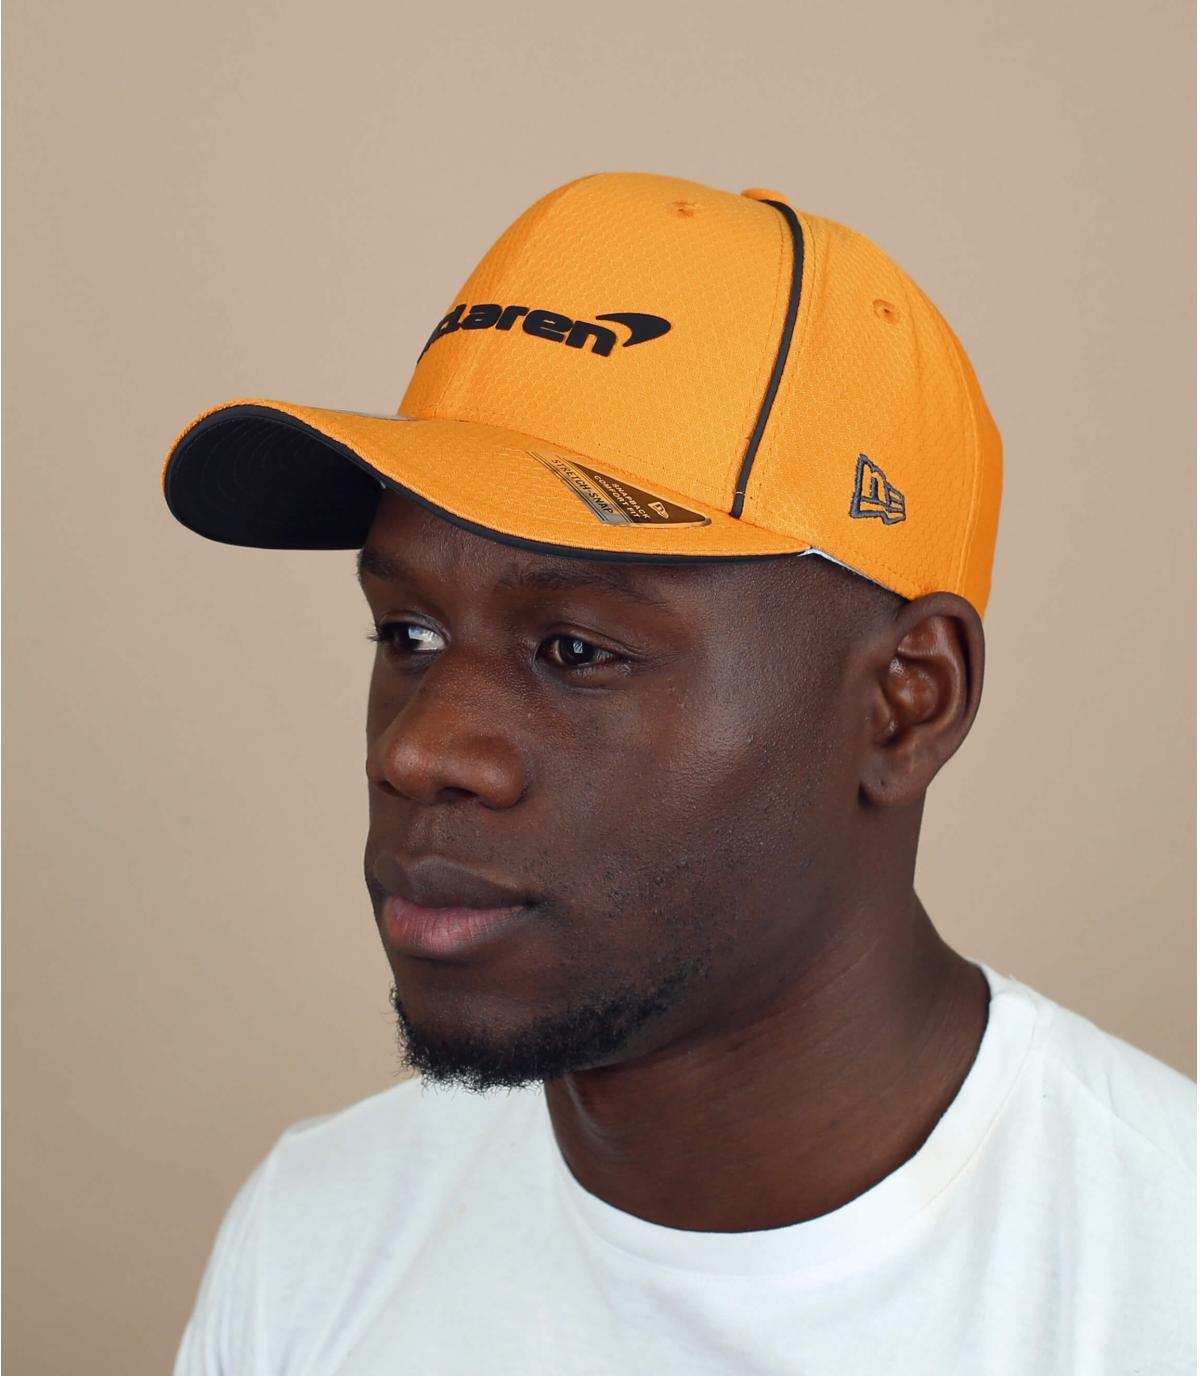 casquette Mc Laren jaune